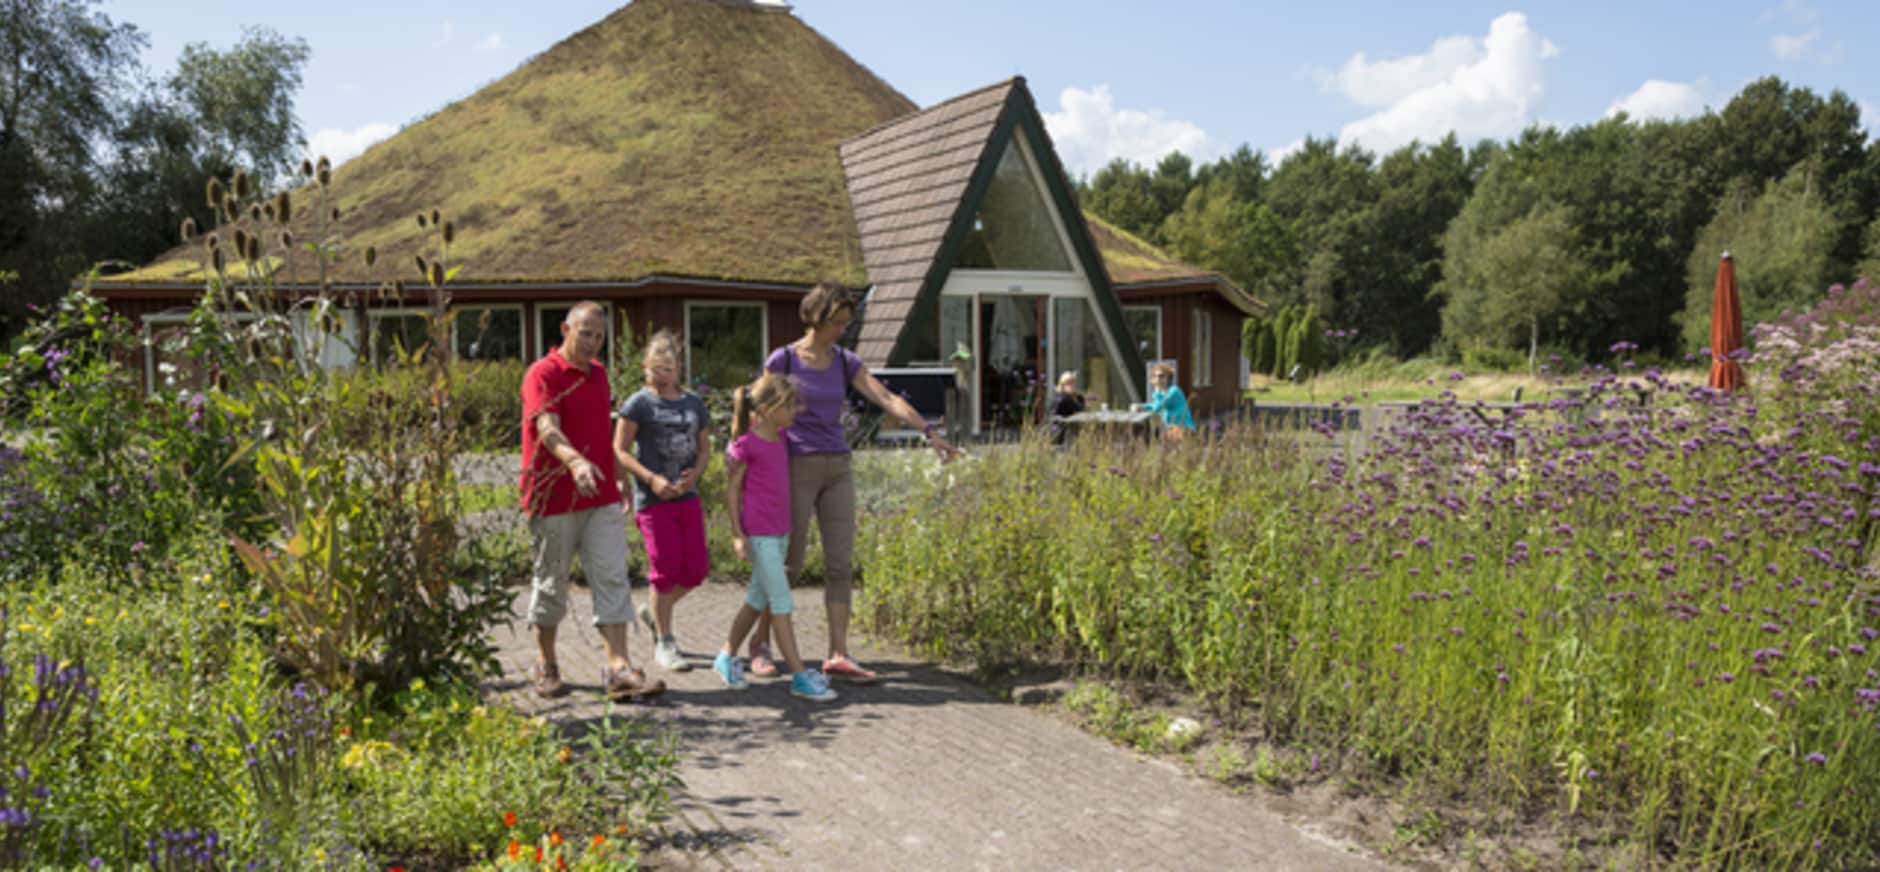 Bezoekerscentrum Dwingelderveld krijgt dit najaar een metamorfose